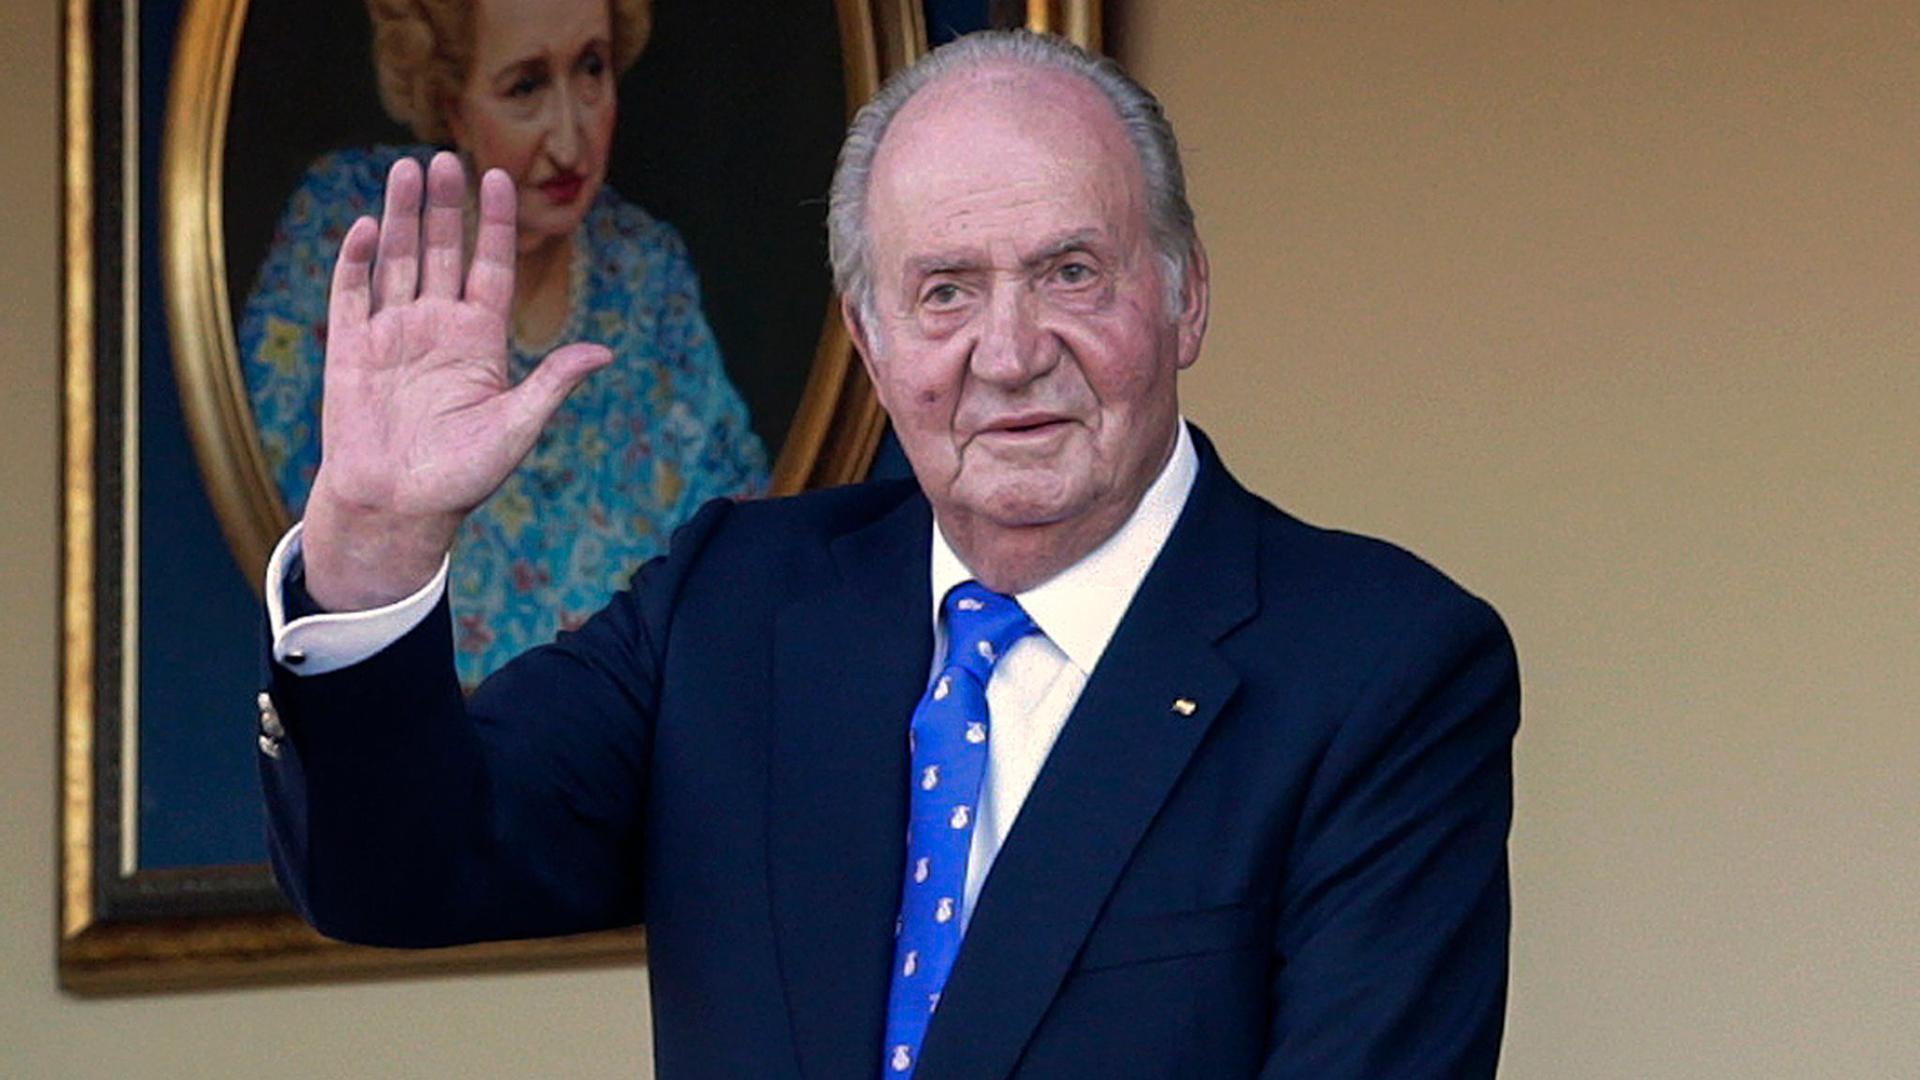 Juan Carlos, ehemaliger König von Spanien, lebt inzwischen im Wüstenemirat Abu Dhabi.